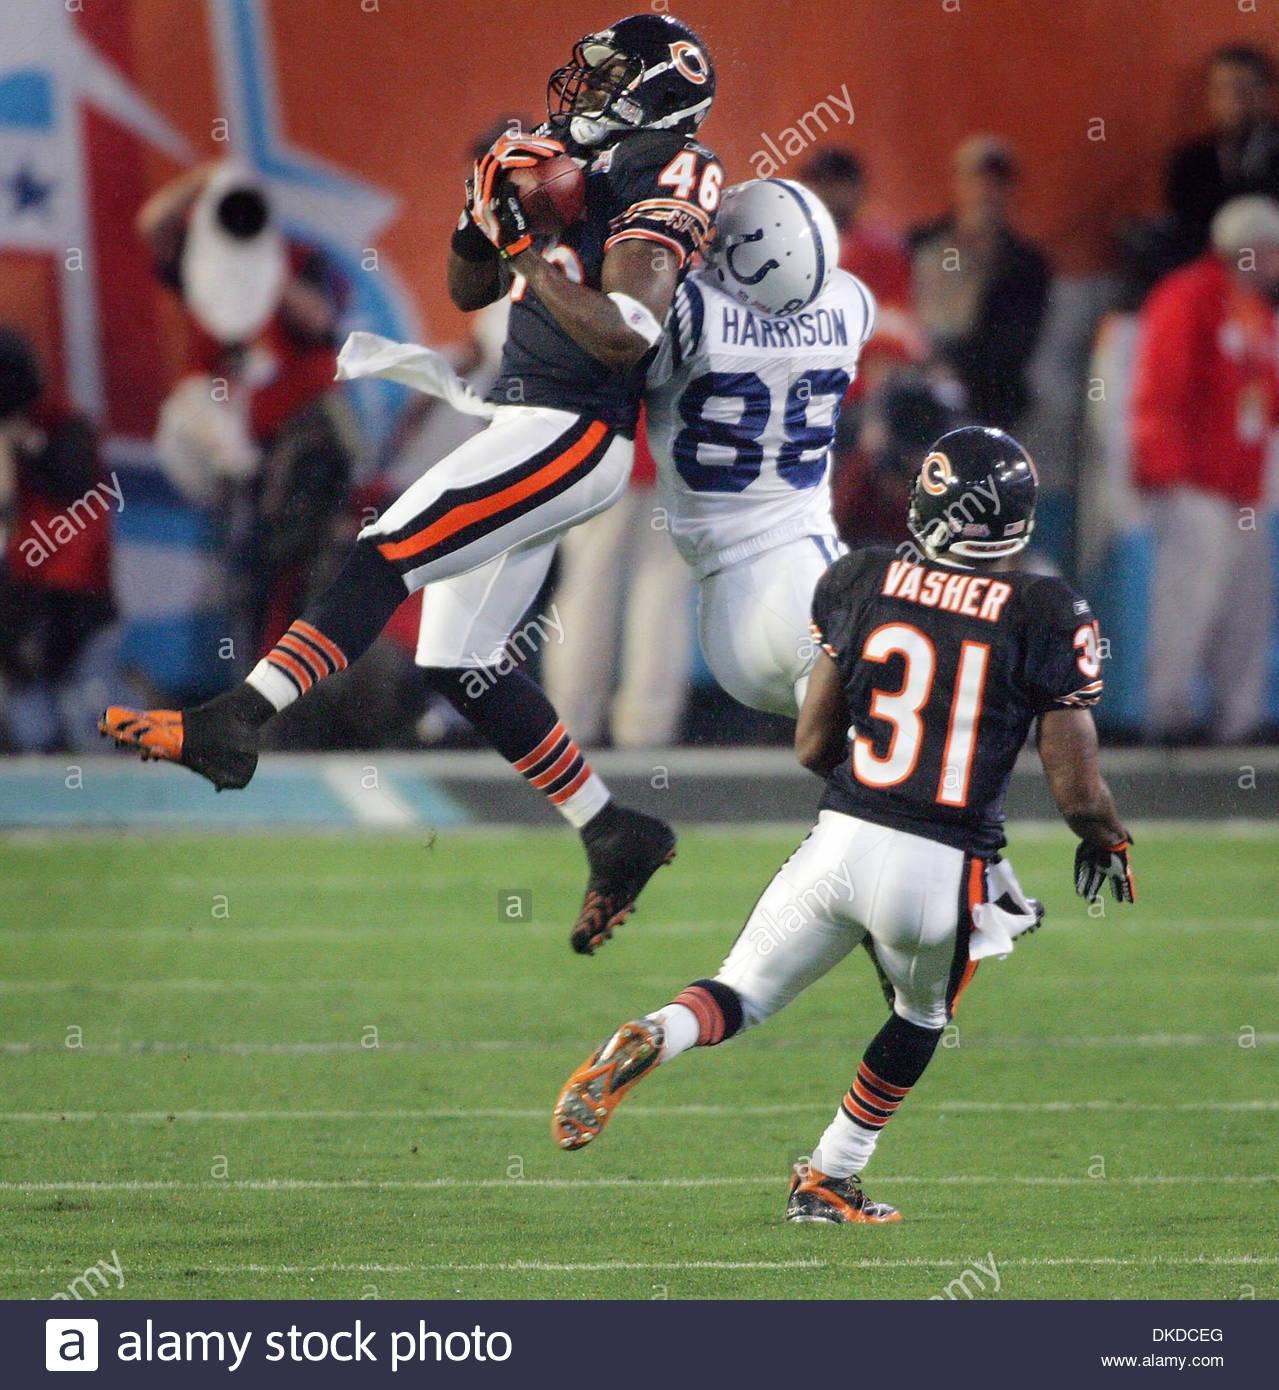 Feb 04, 2007 - Miami, Florida, Usa - Chicago Bears Safety throughout Bears Super Bowl Miami